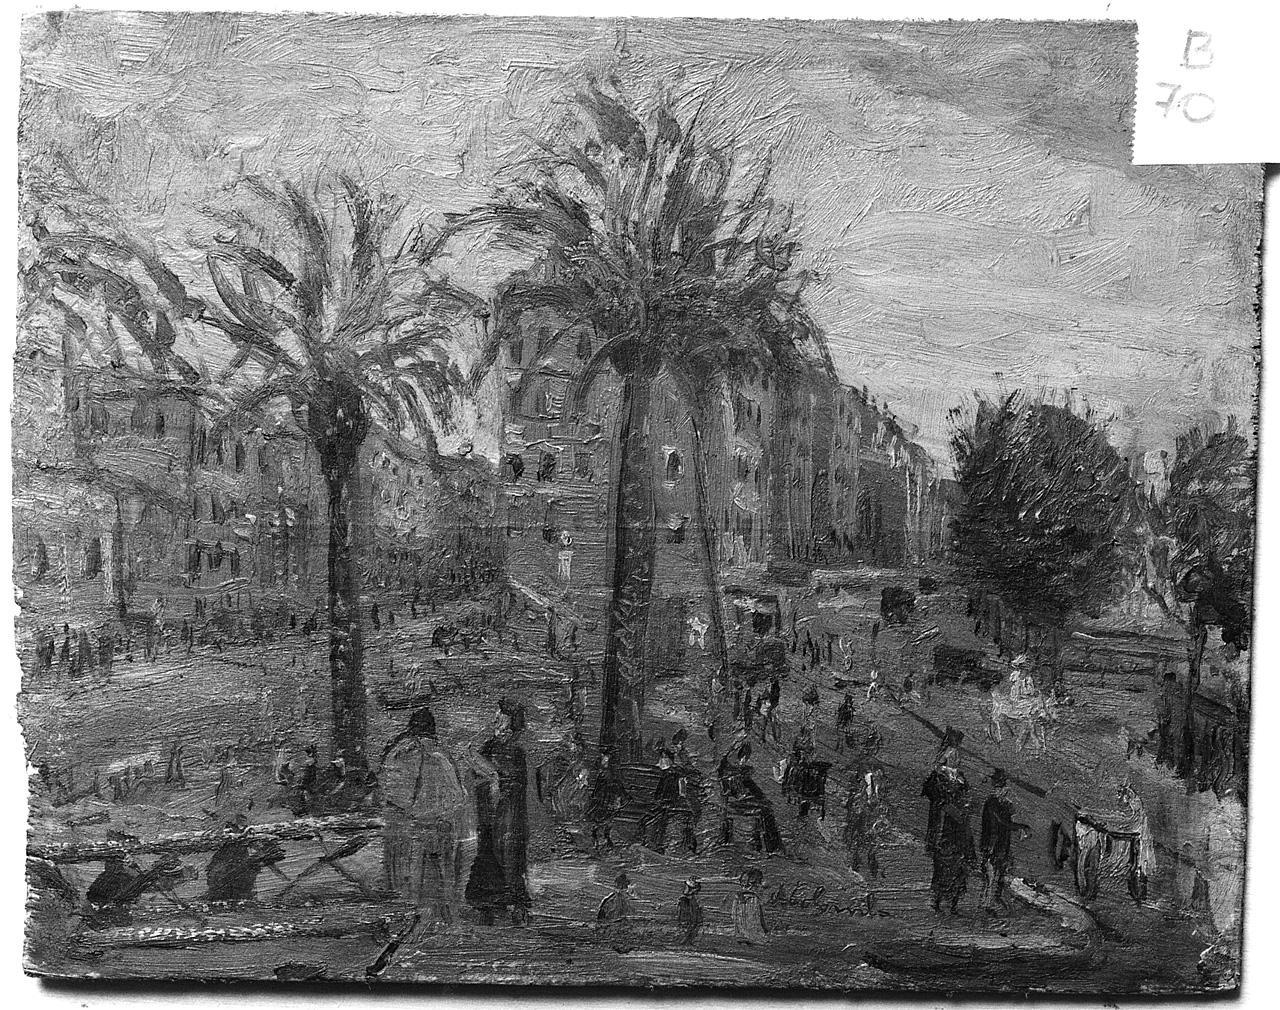 veduta di città (dipinto) - ambito romano (sec. XIX, ultimo quarto)